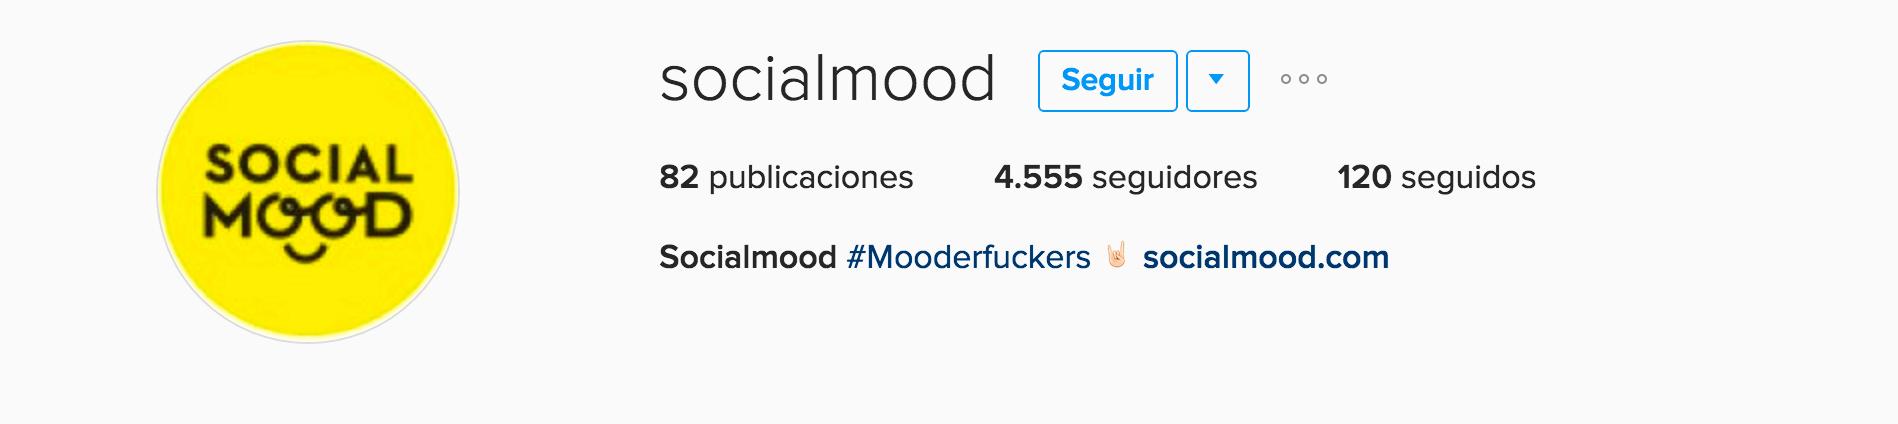 socialmood usos de instagram para empresas